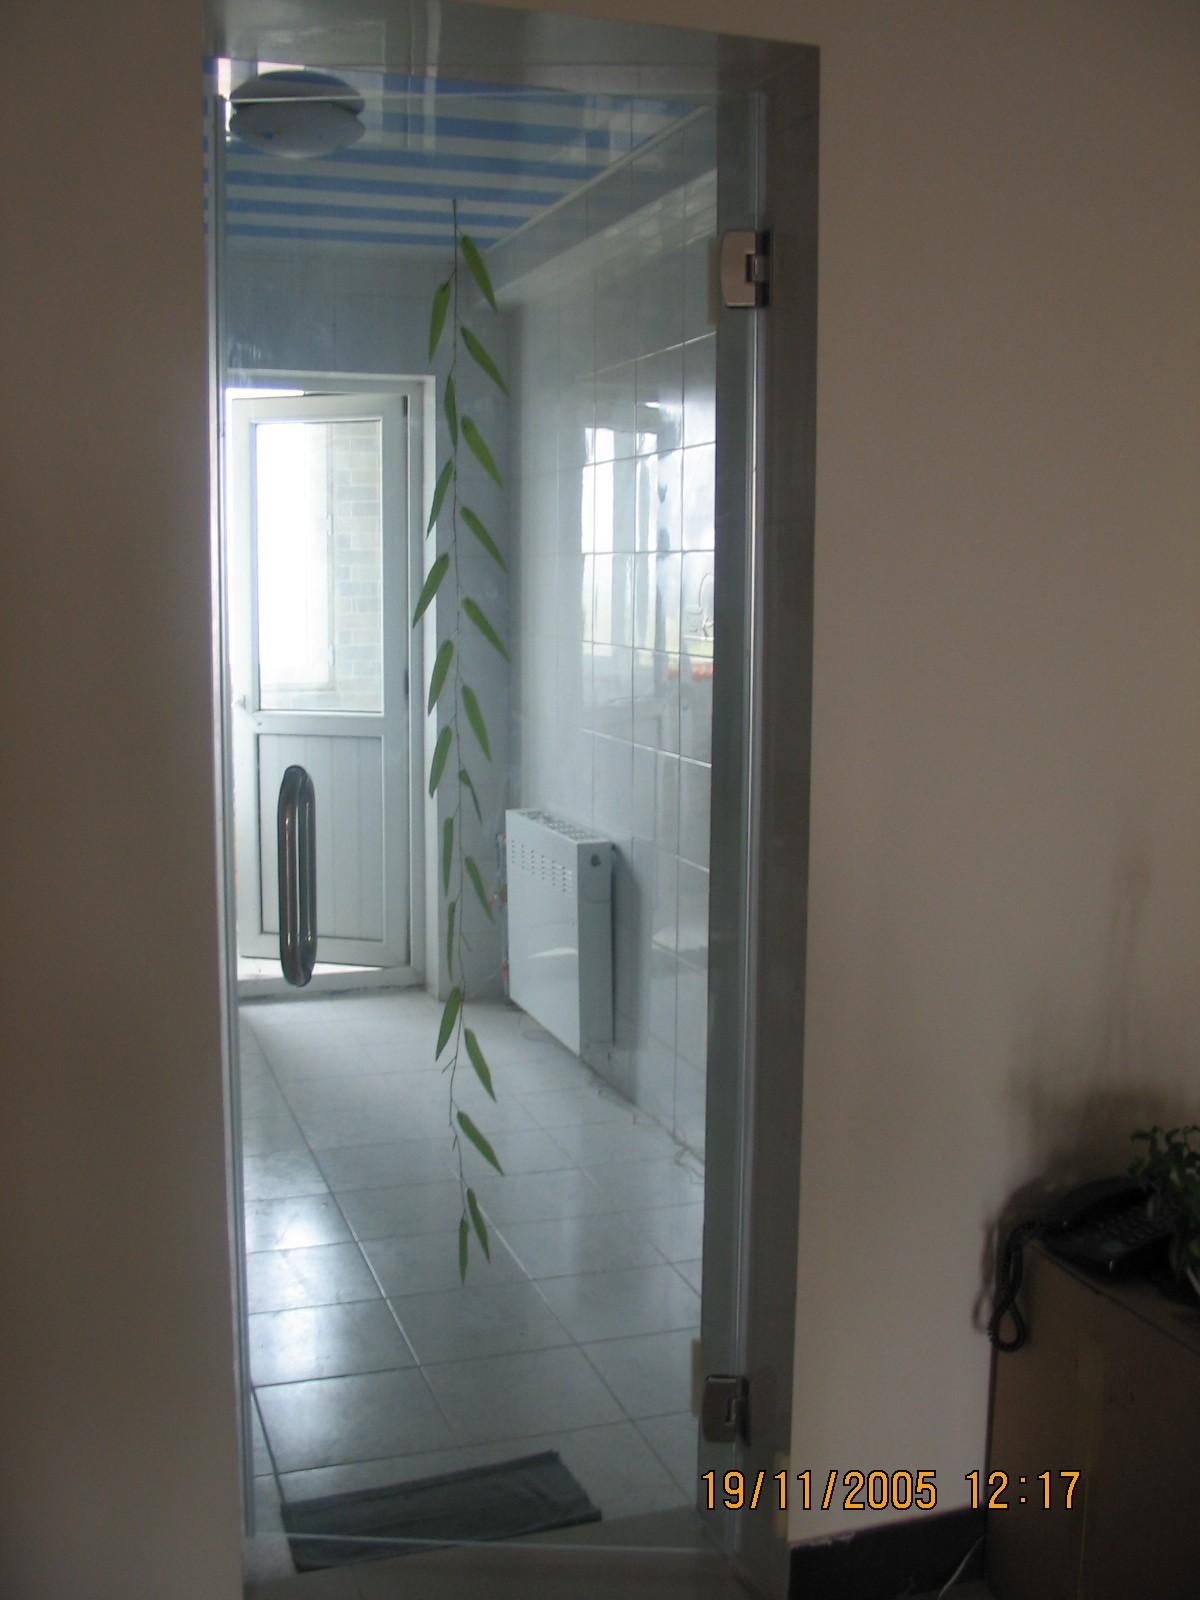 (有实际效果图)厨房和卫生间采用玻璃门是不错的不怕水,有没有同感